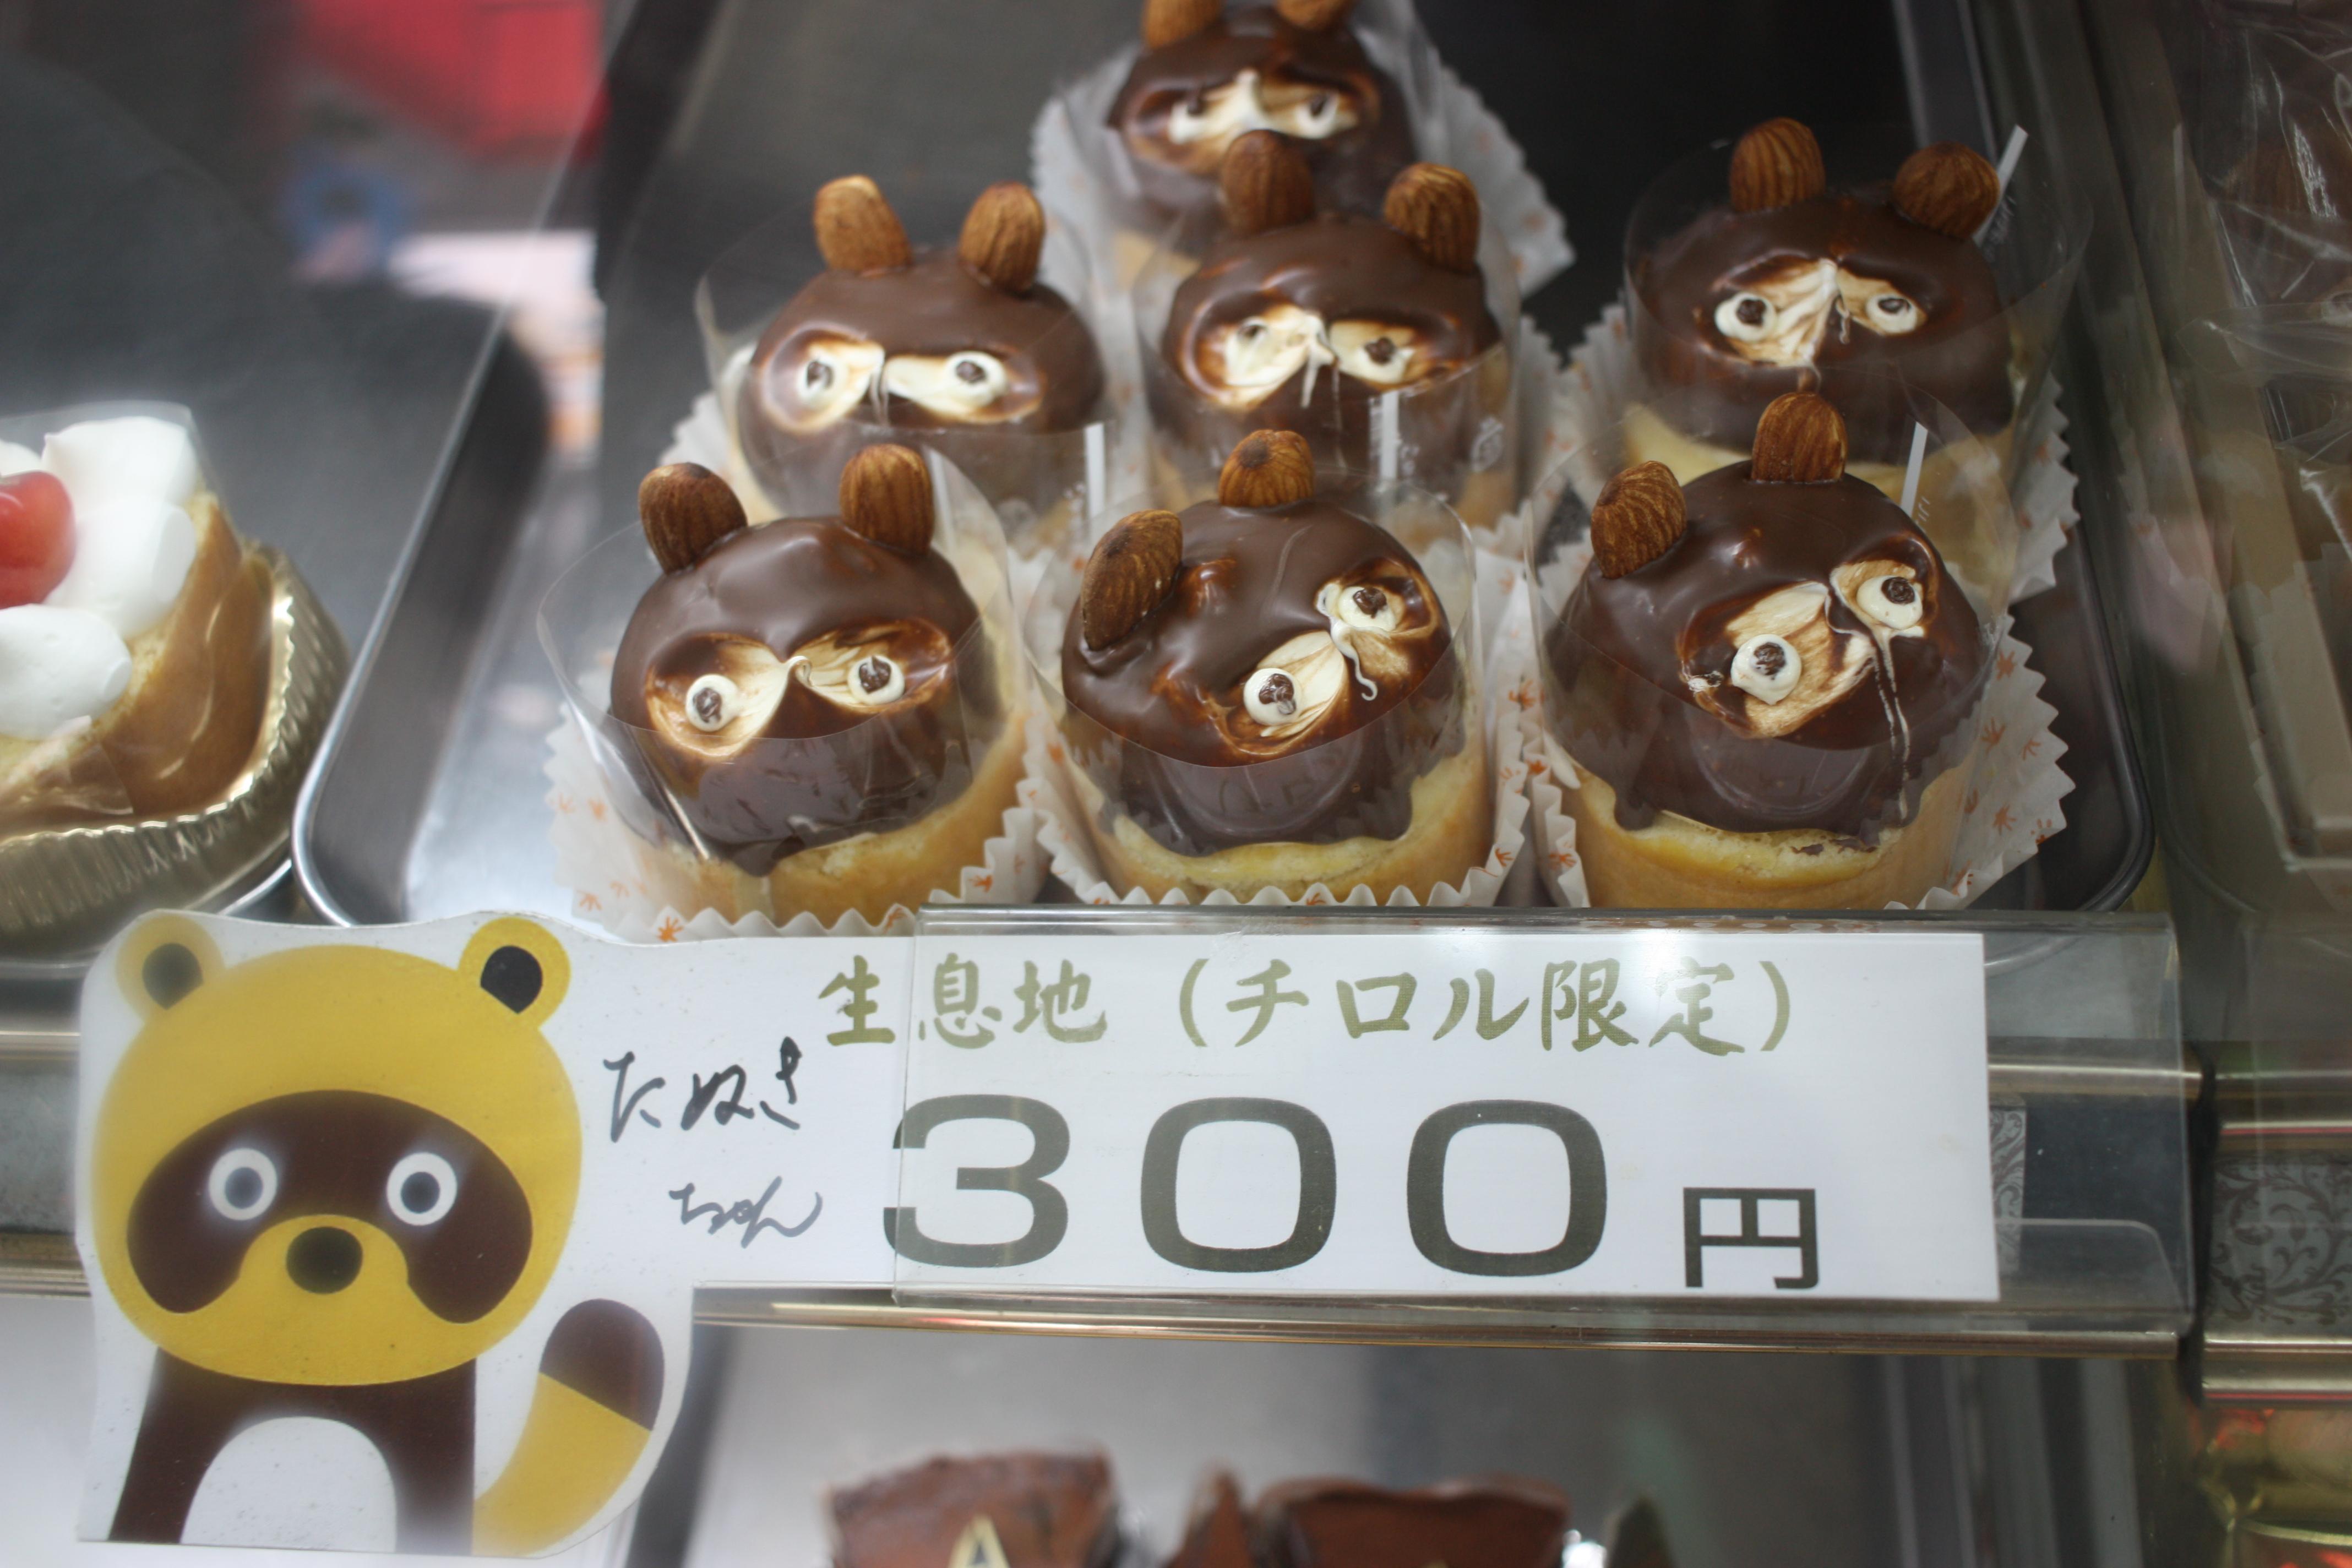 たぬきケーキ 大阪府住吉区「洋菓子の店チロル」